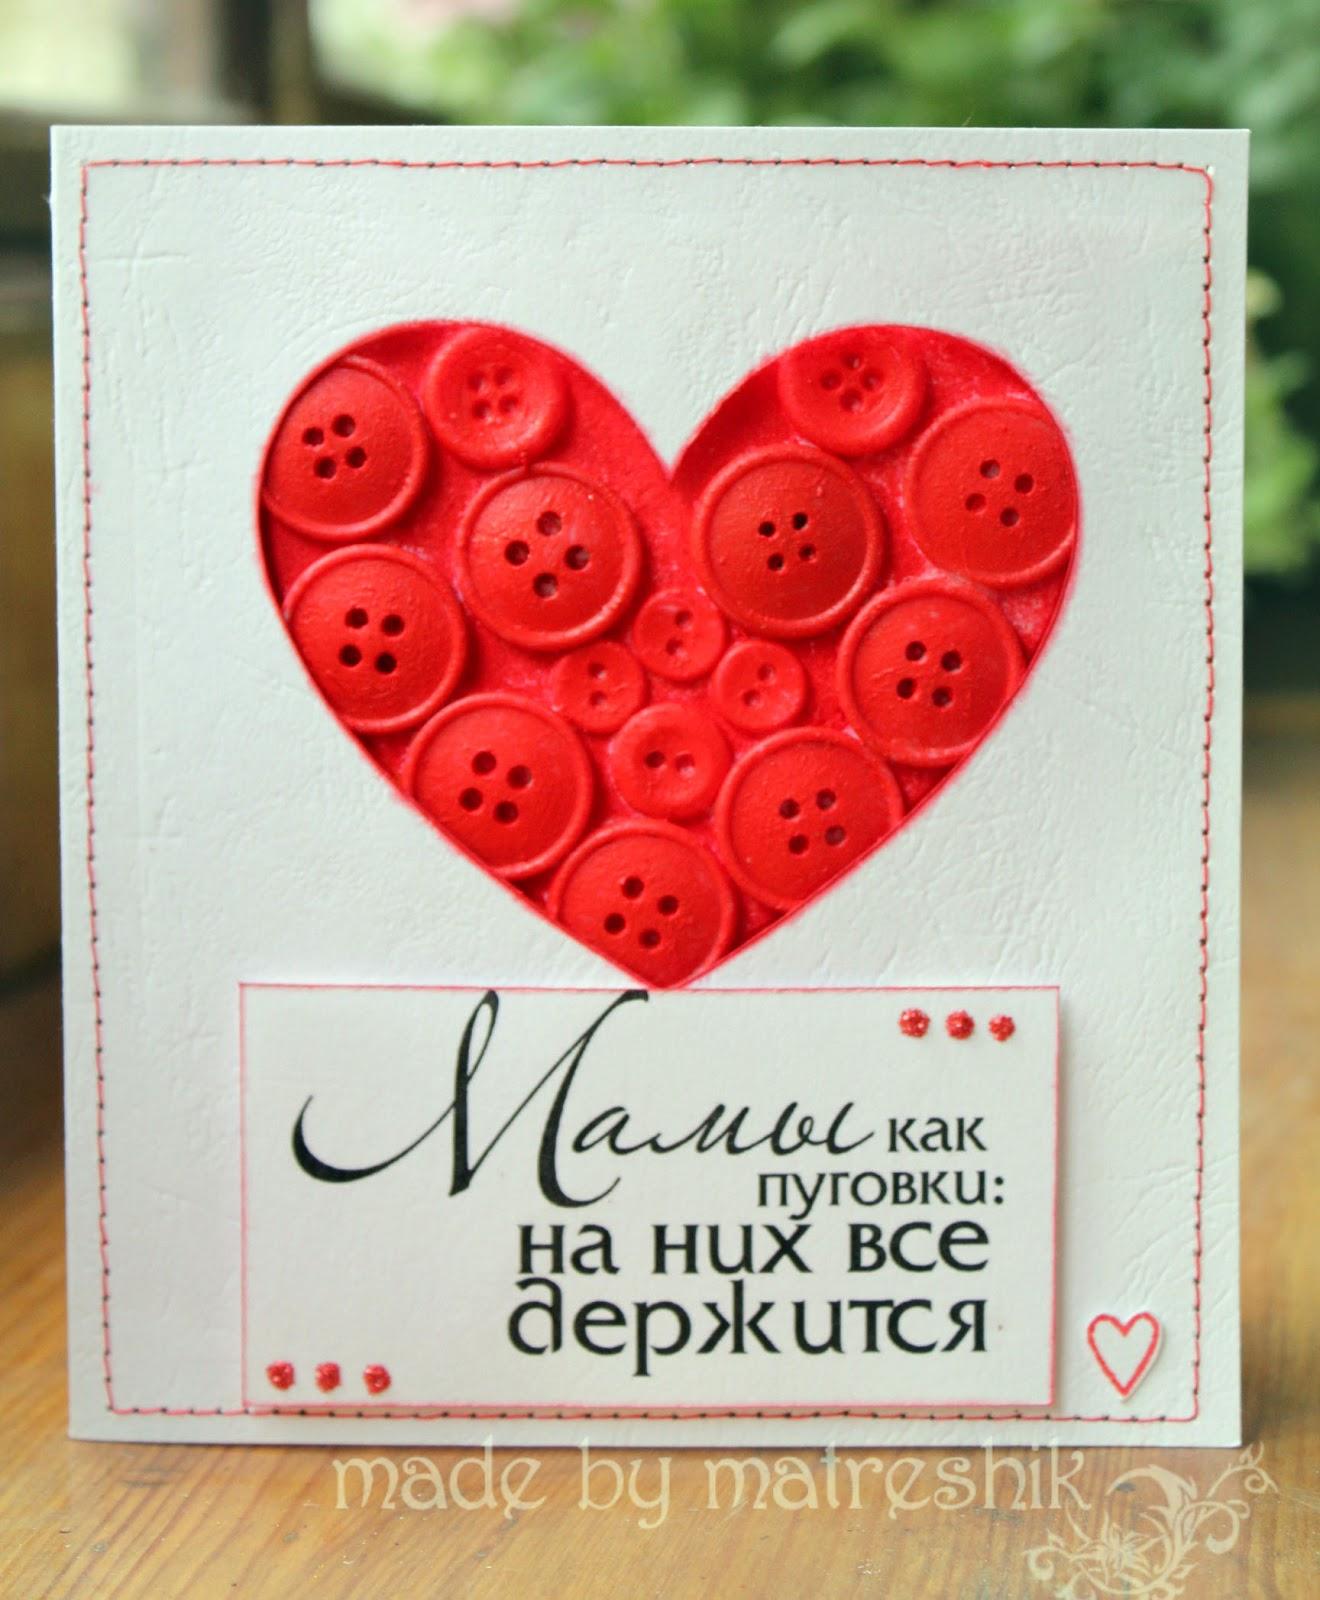 Как подписать открытку в цветы на день рождения подруге